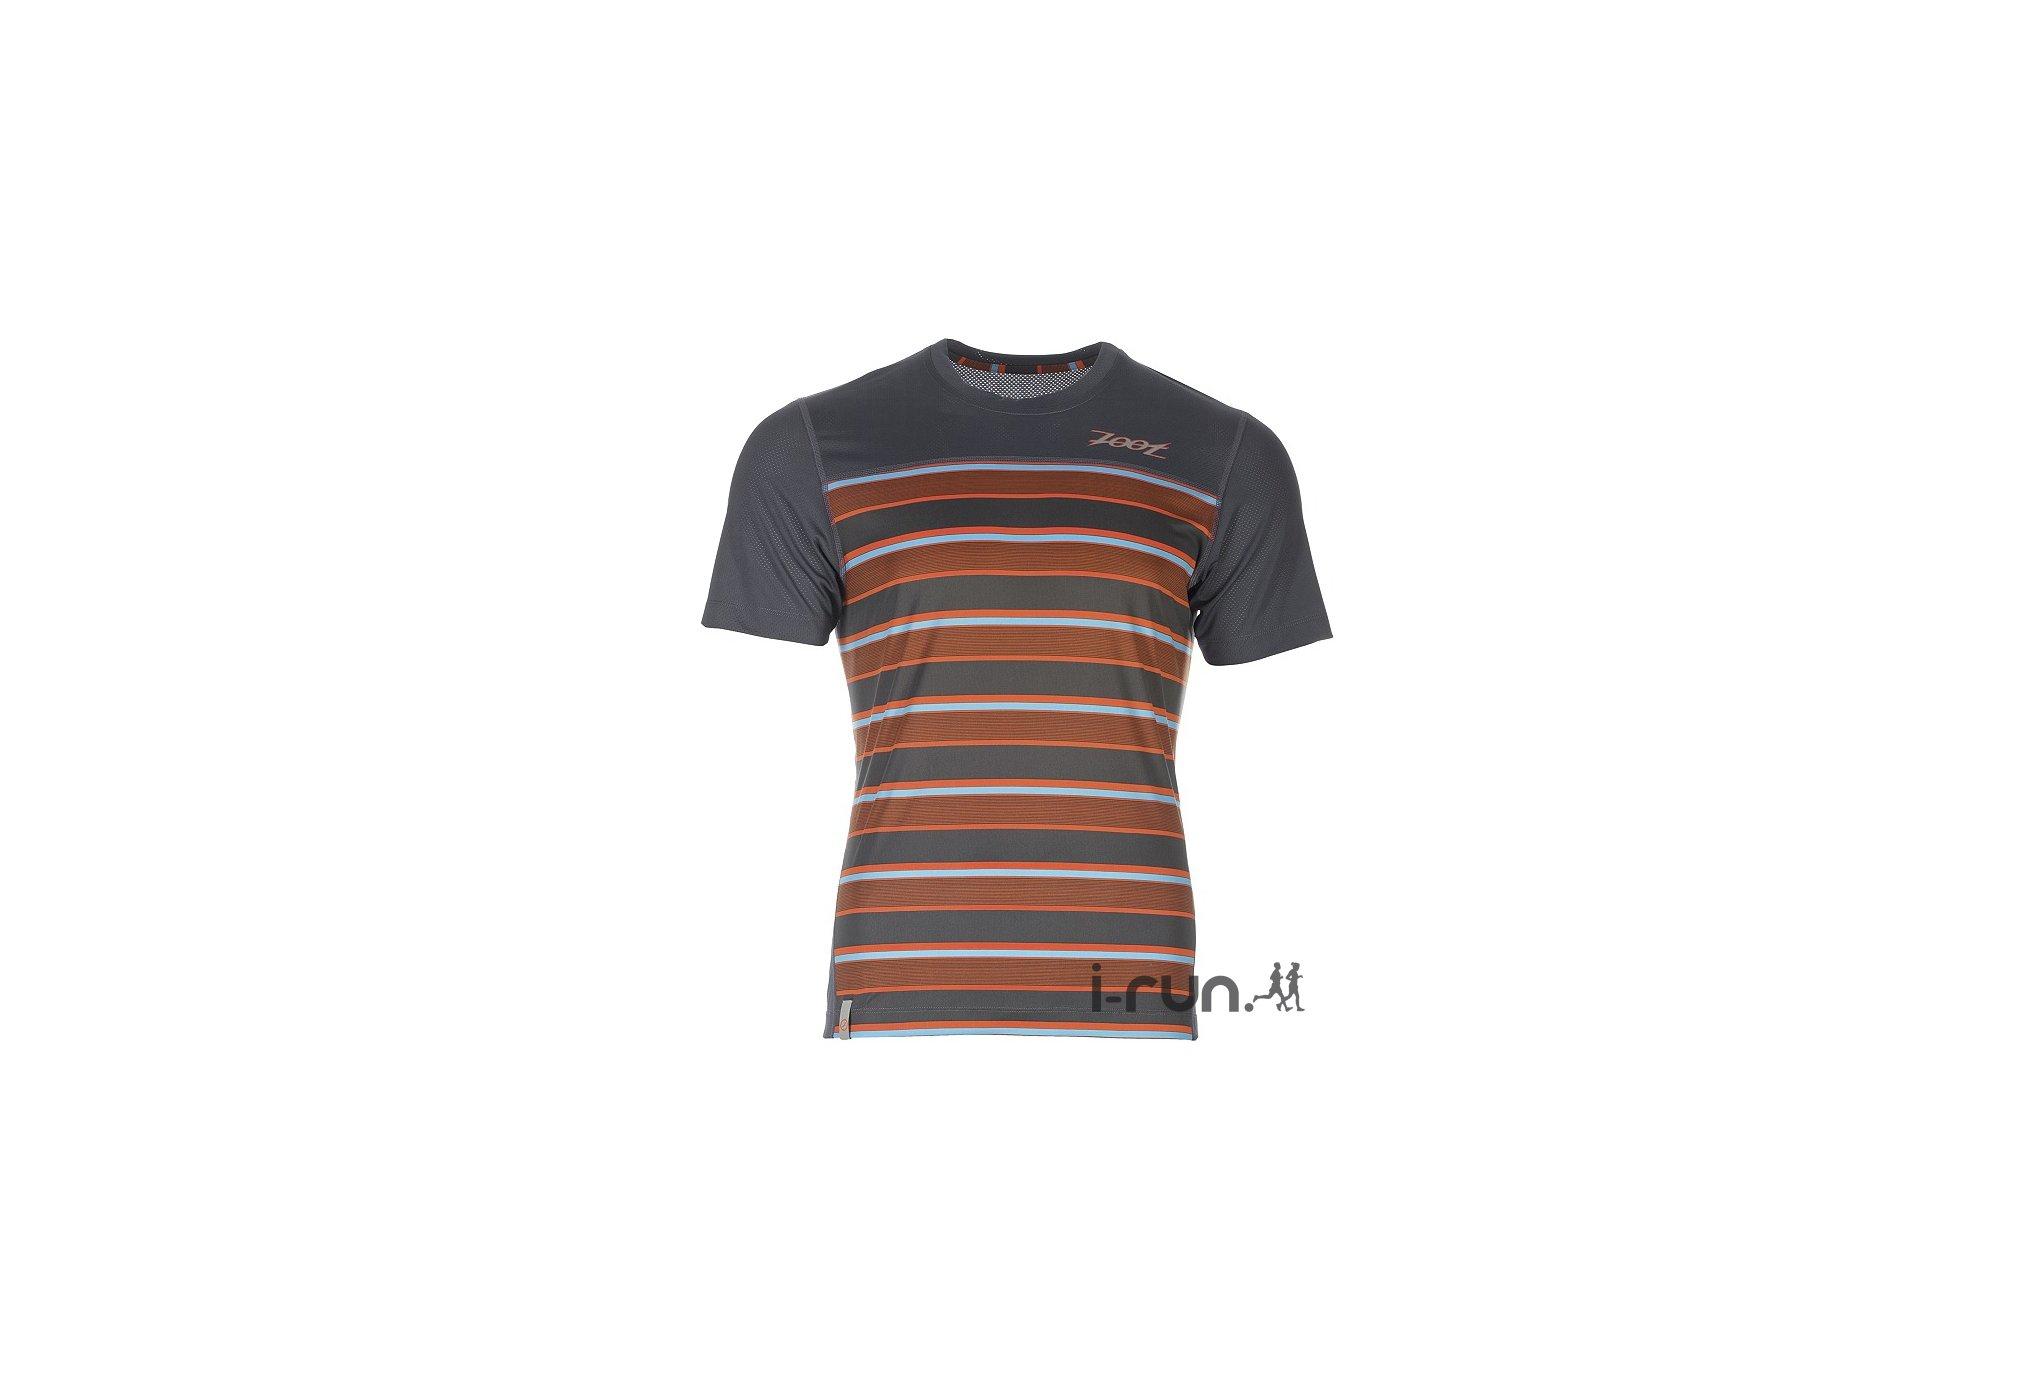 Zoot Tee-shirt West Coast M vêtement running homme